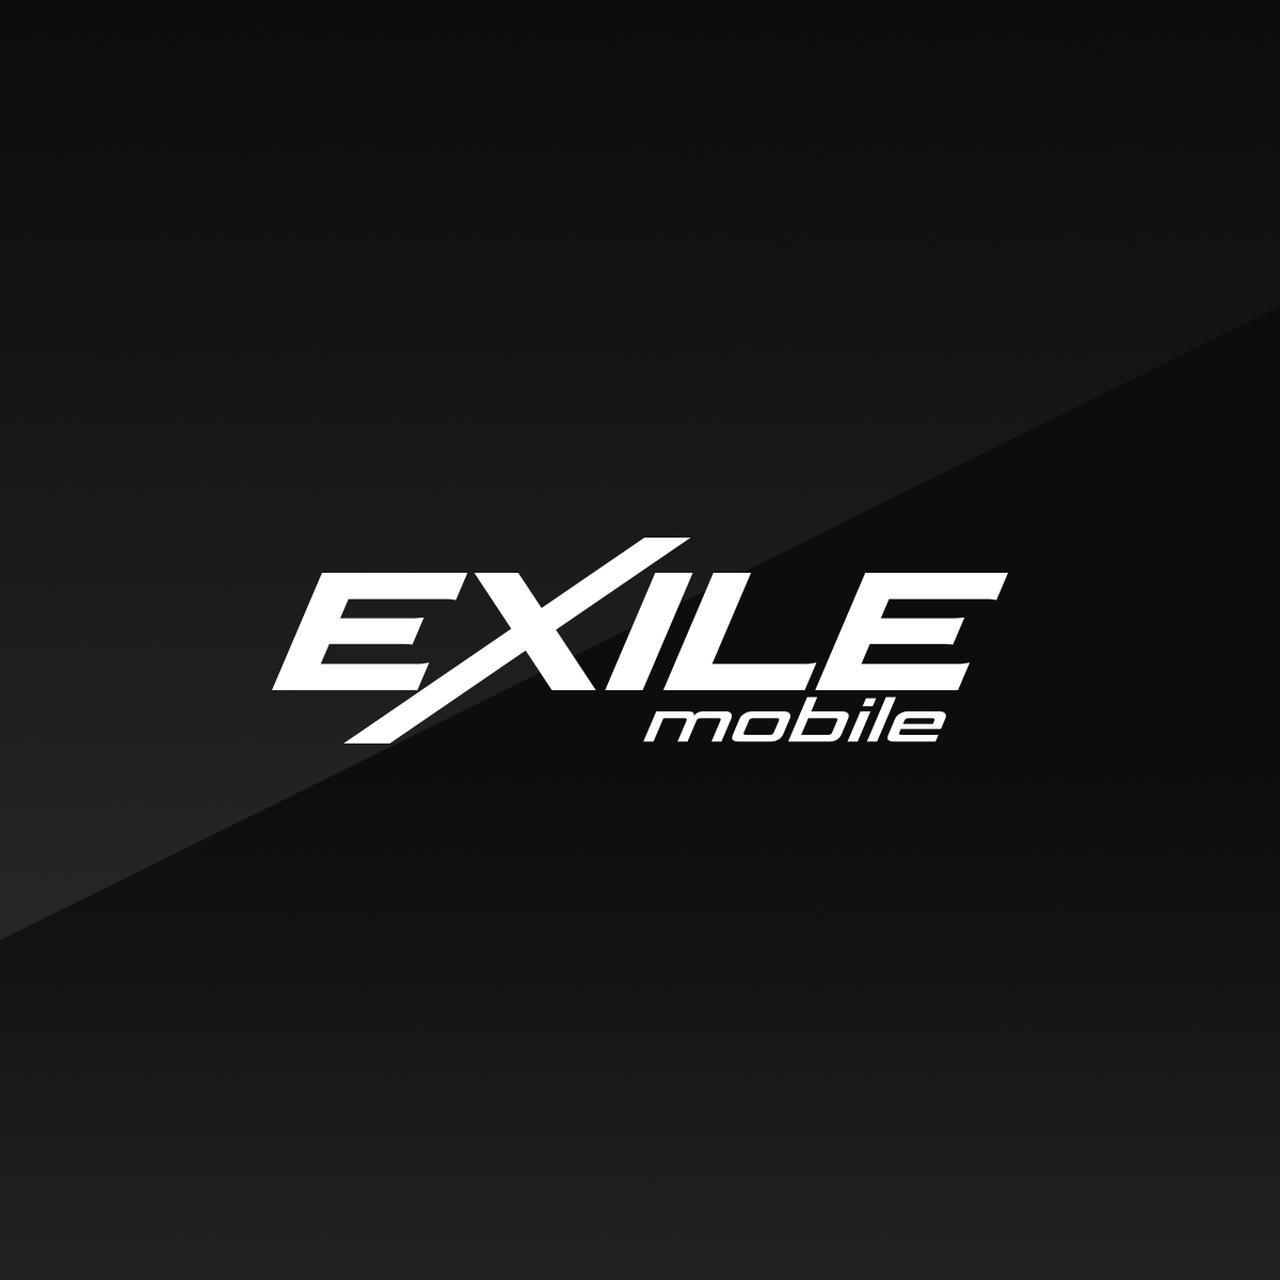 画像: EXILE TETSUYA | EXILE mobile